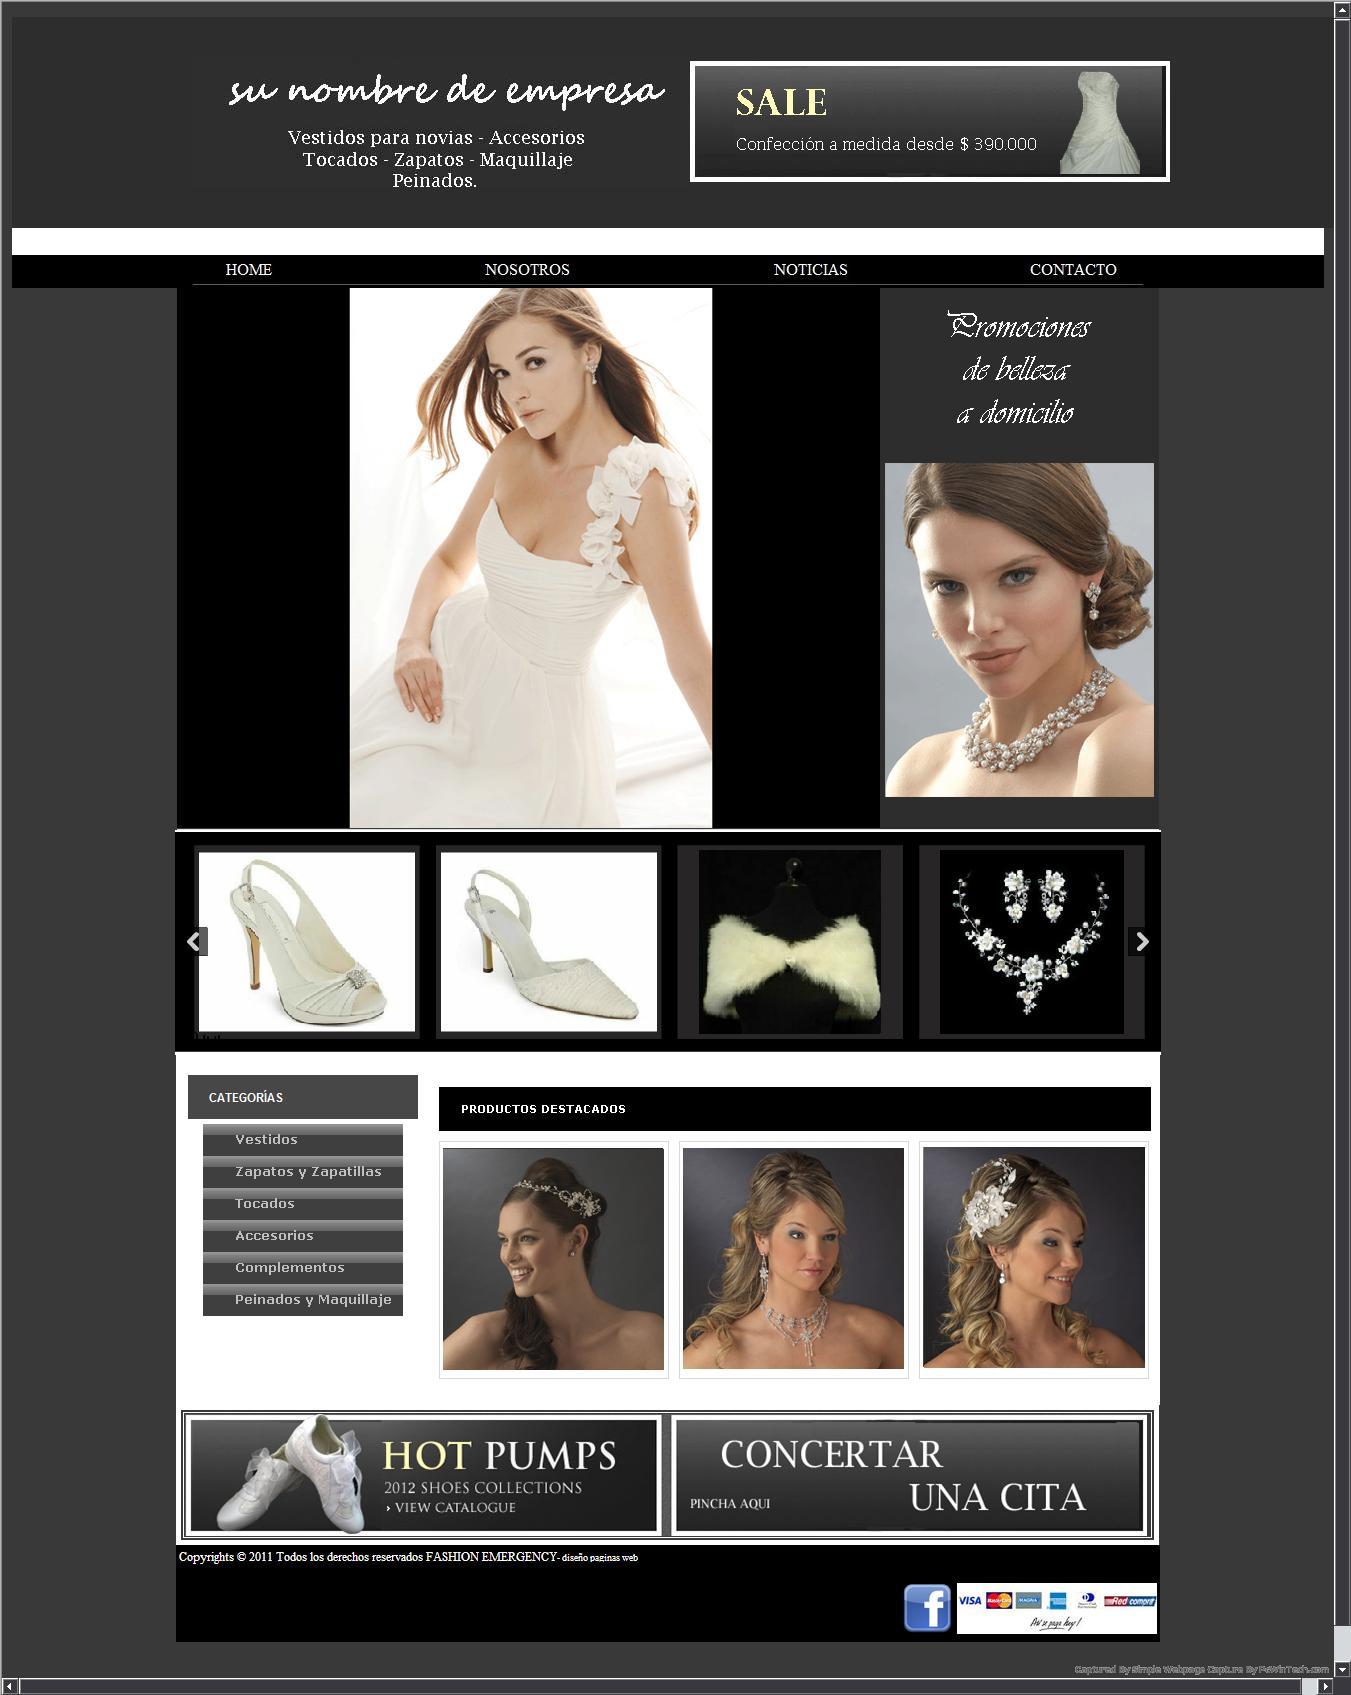 a8fec75baf Diseño web, paginas web, pagina web, posicionamiento de paginas web